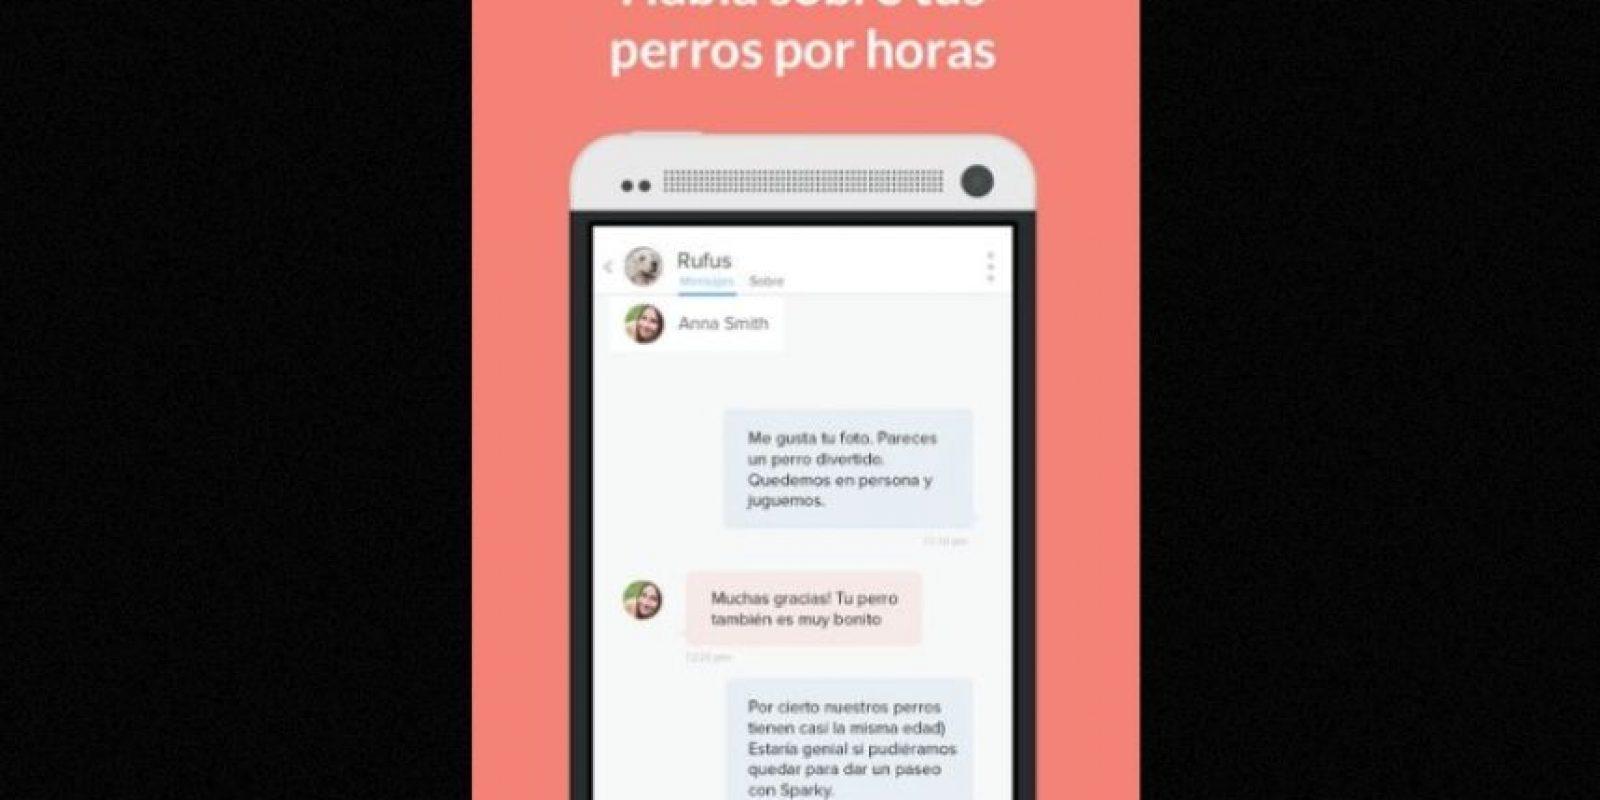 De acuerdo con su web oficial, la idea de esta nueva aplicación es que se pueda hacer una cita doble entre mascotas y personas, y al mismo tiempo acercar los amantes de los canes. Foto:Holidog